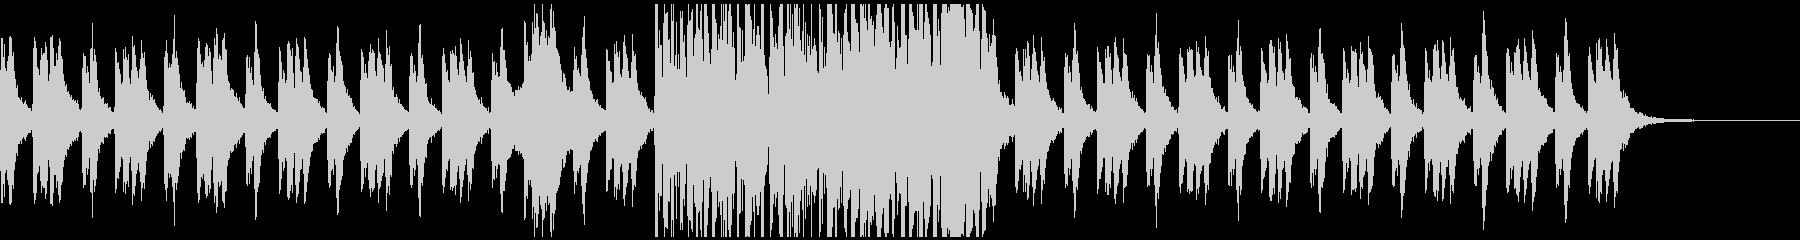 オーケストラ・ホラー系BGMの未再生の波形